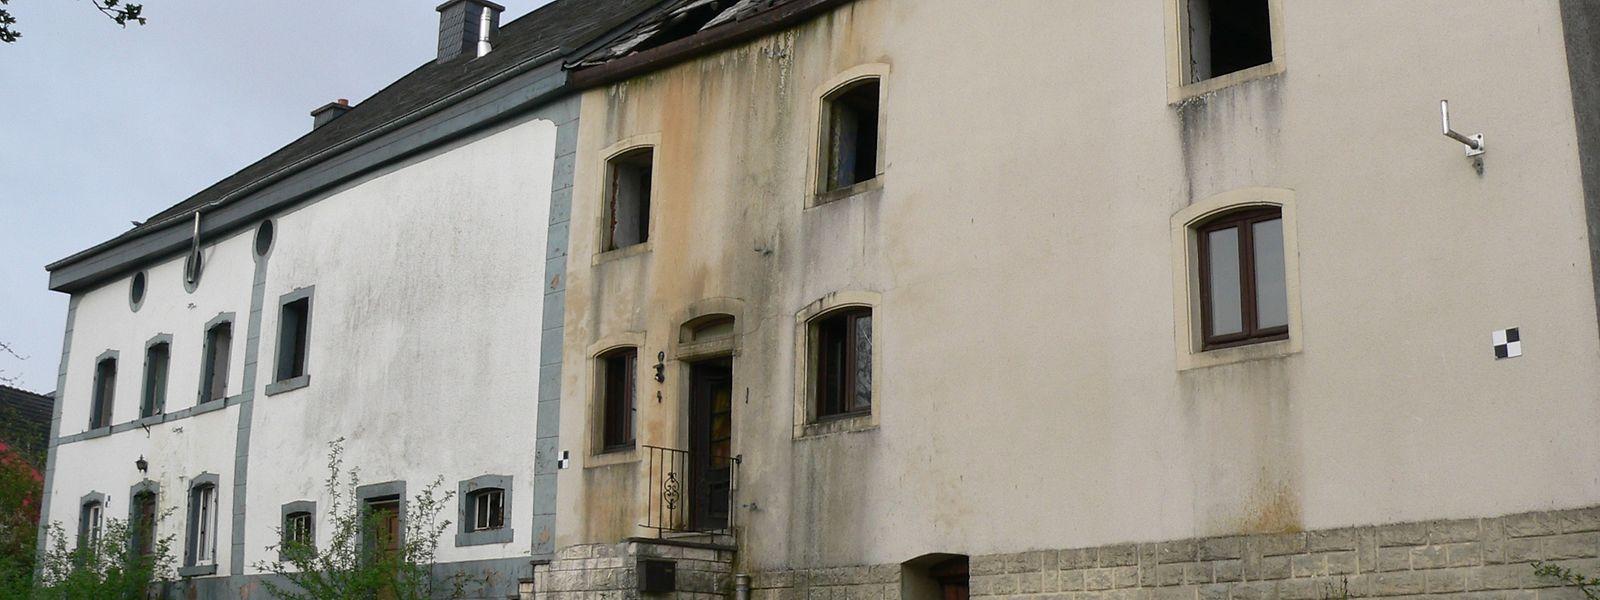 Diese alten Bauernhäuser um Knapp in Heinerscheid sollten der Abrissbirne zum Opfer fallen. Nun sind sie nachträglich denkmalschutzklassiert worden.